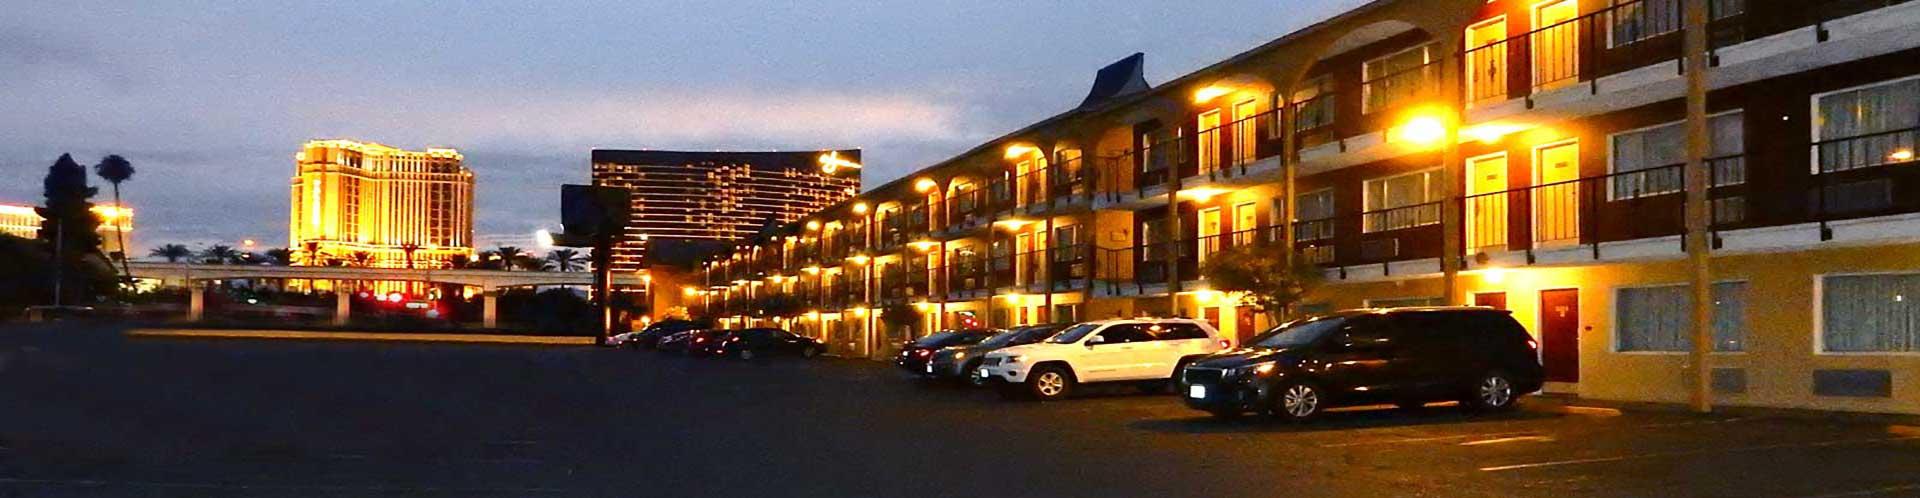 Mardi Gras Hotel & Casino at Night